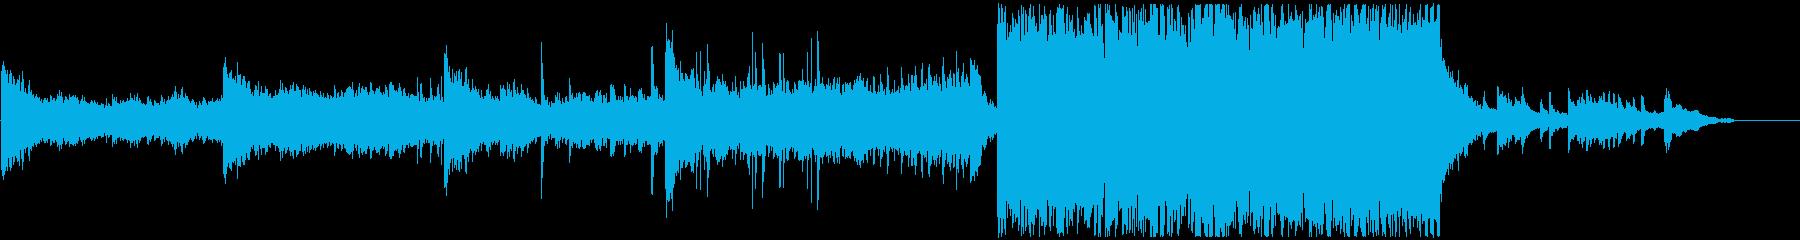 和とEDMの融合の再生済みの波形